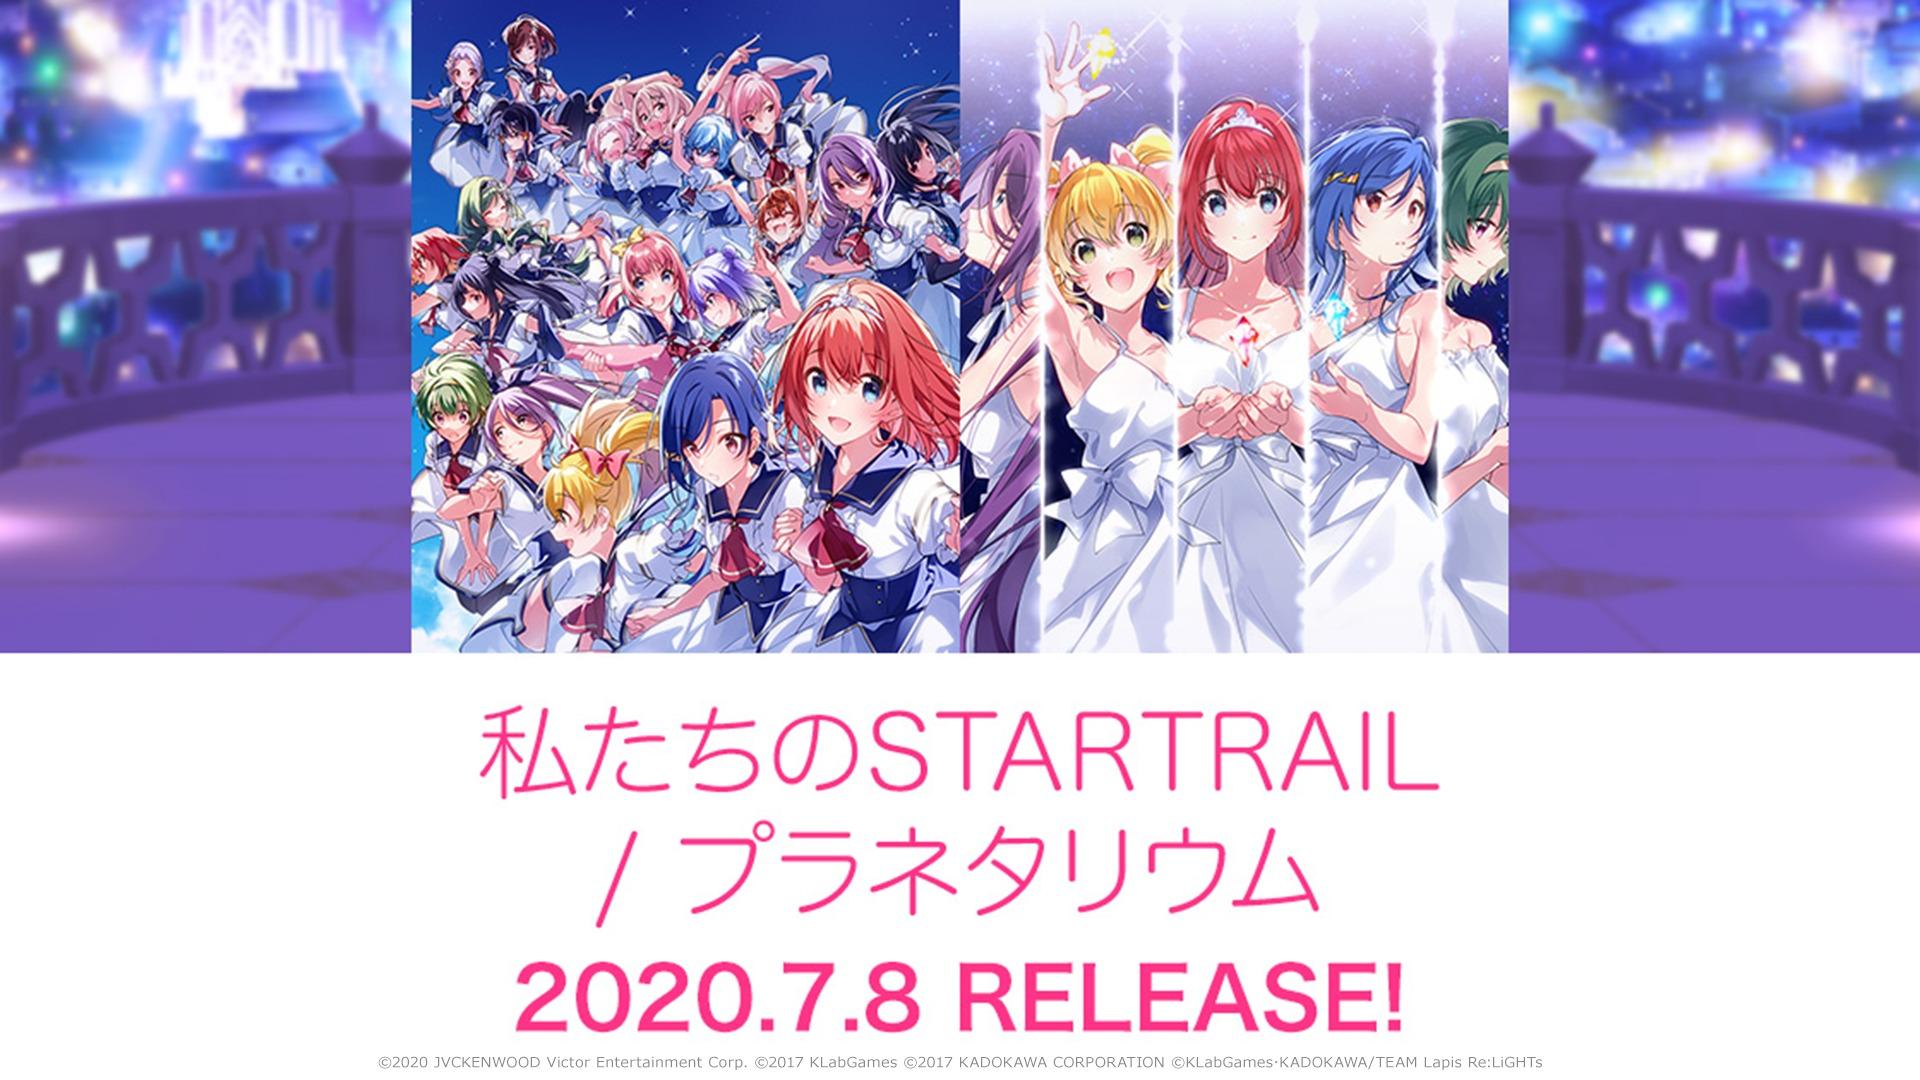 TVアニメ主題歌 両A面シングル「私たちのSTARTRAIL / プラネタリウム」